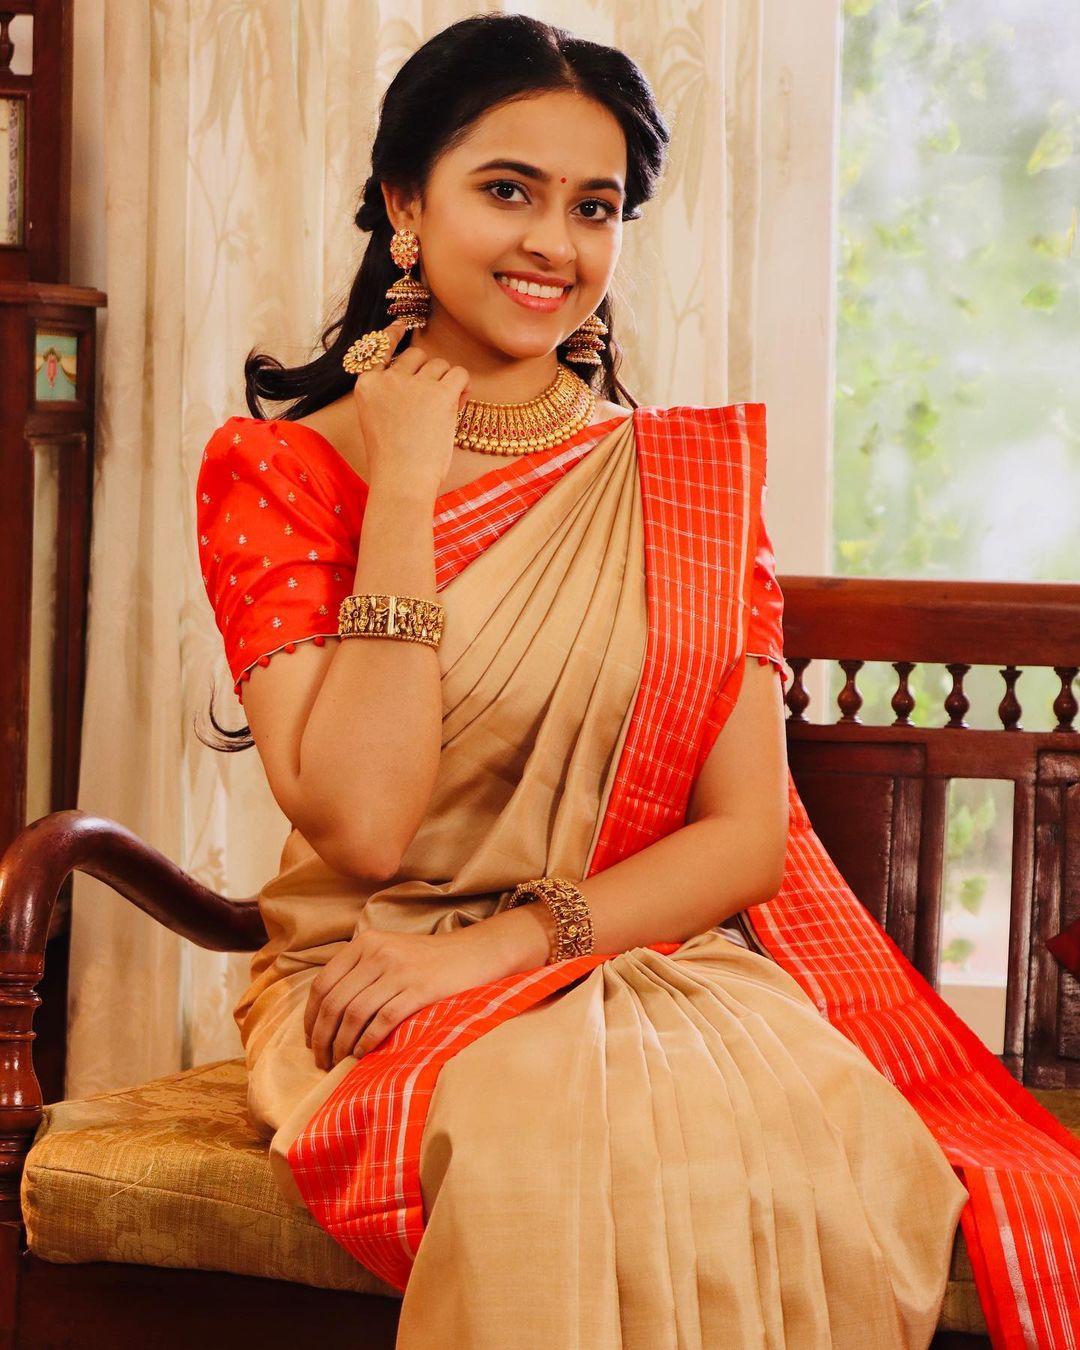 நடிகை ஸ்ரீ திவ்யா ( Image :Instagram @sd_sridivya)